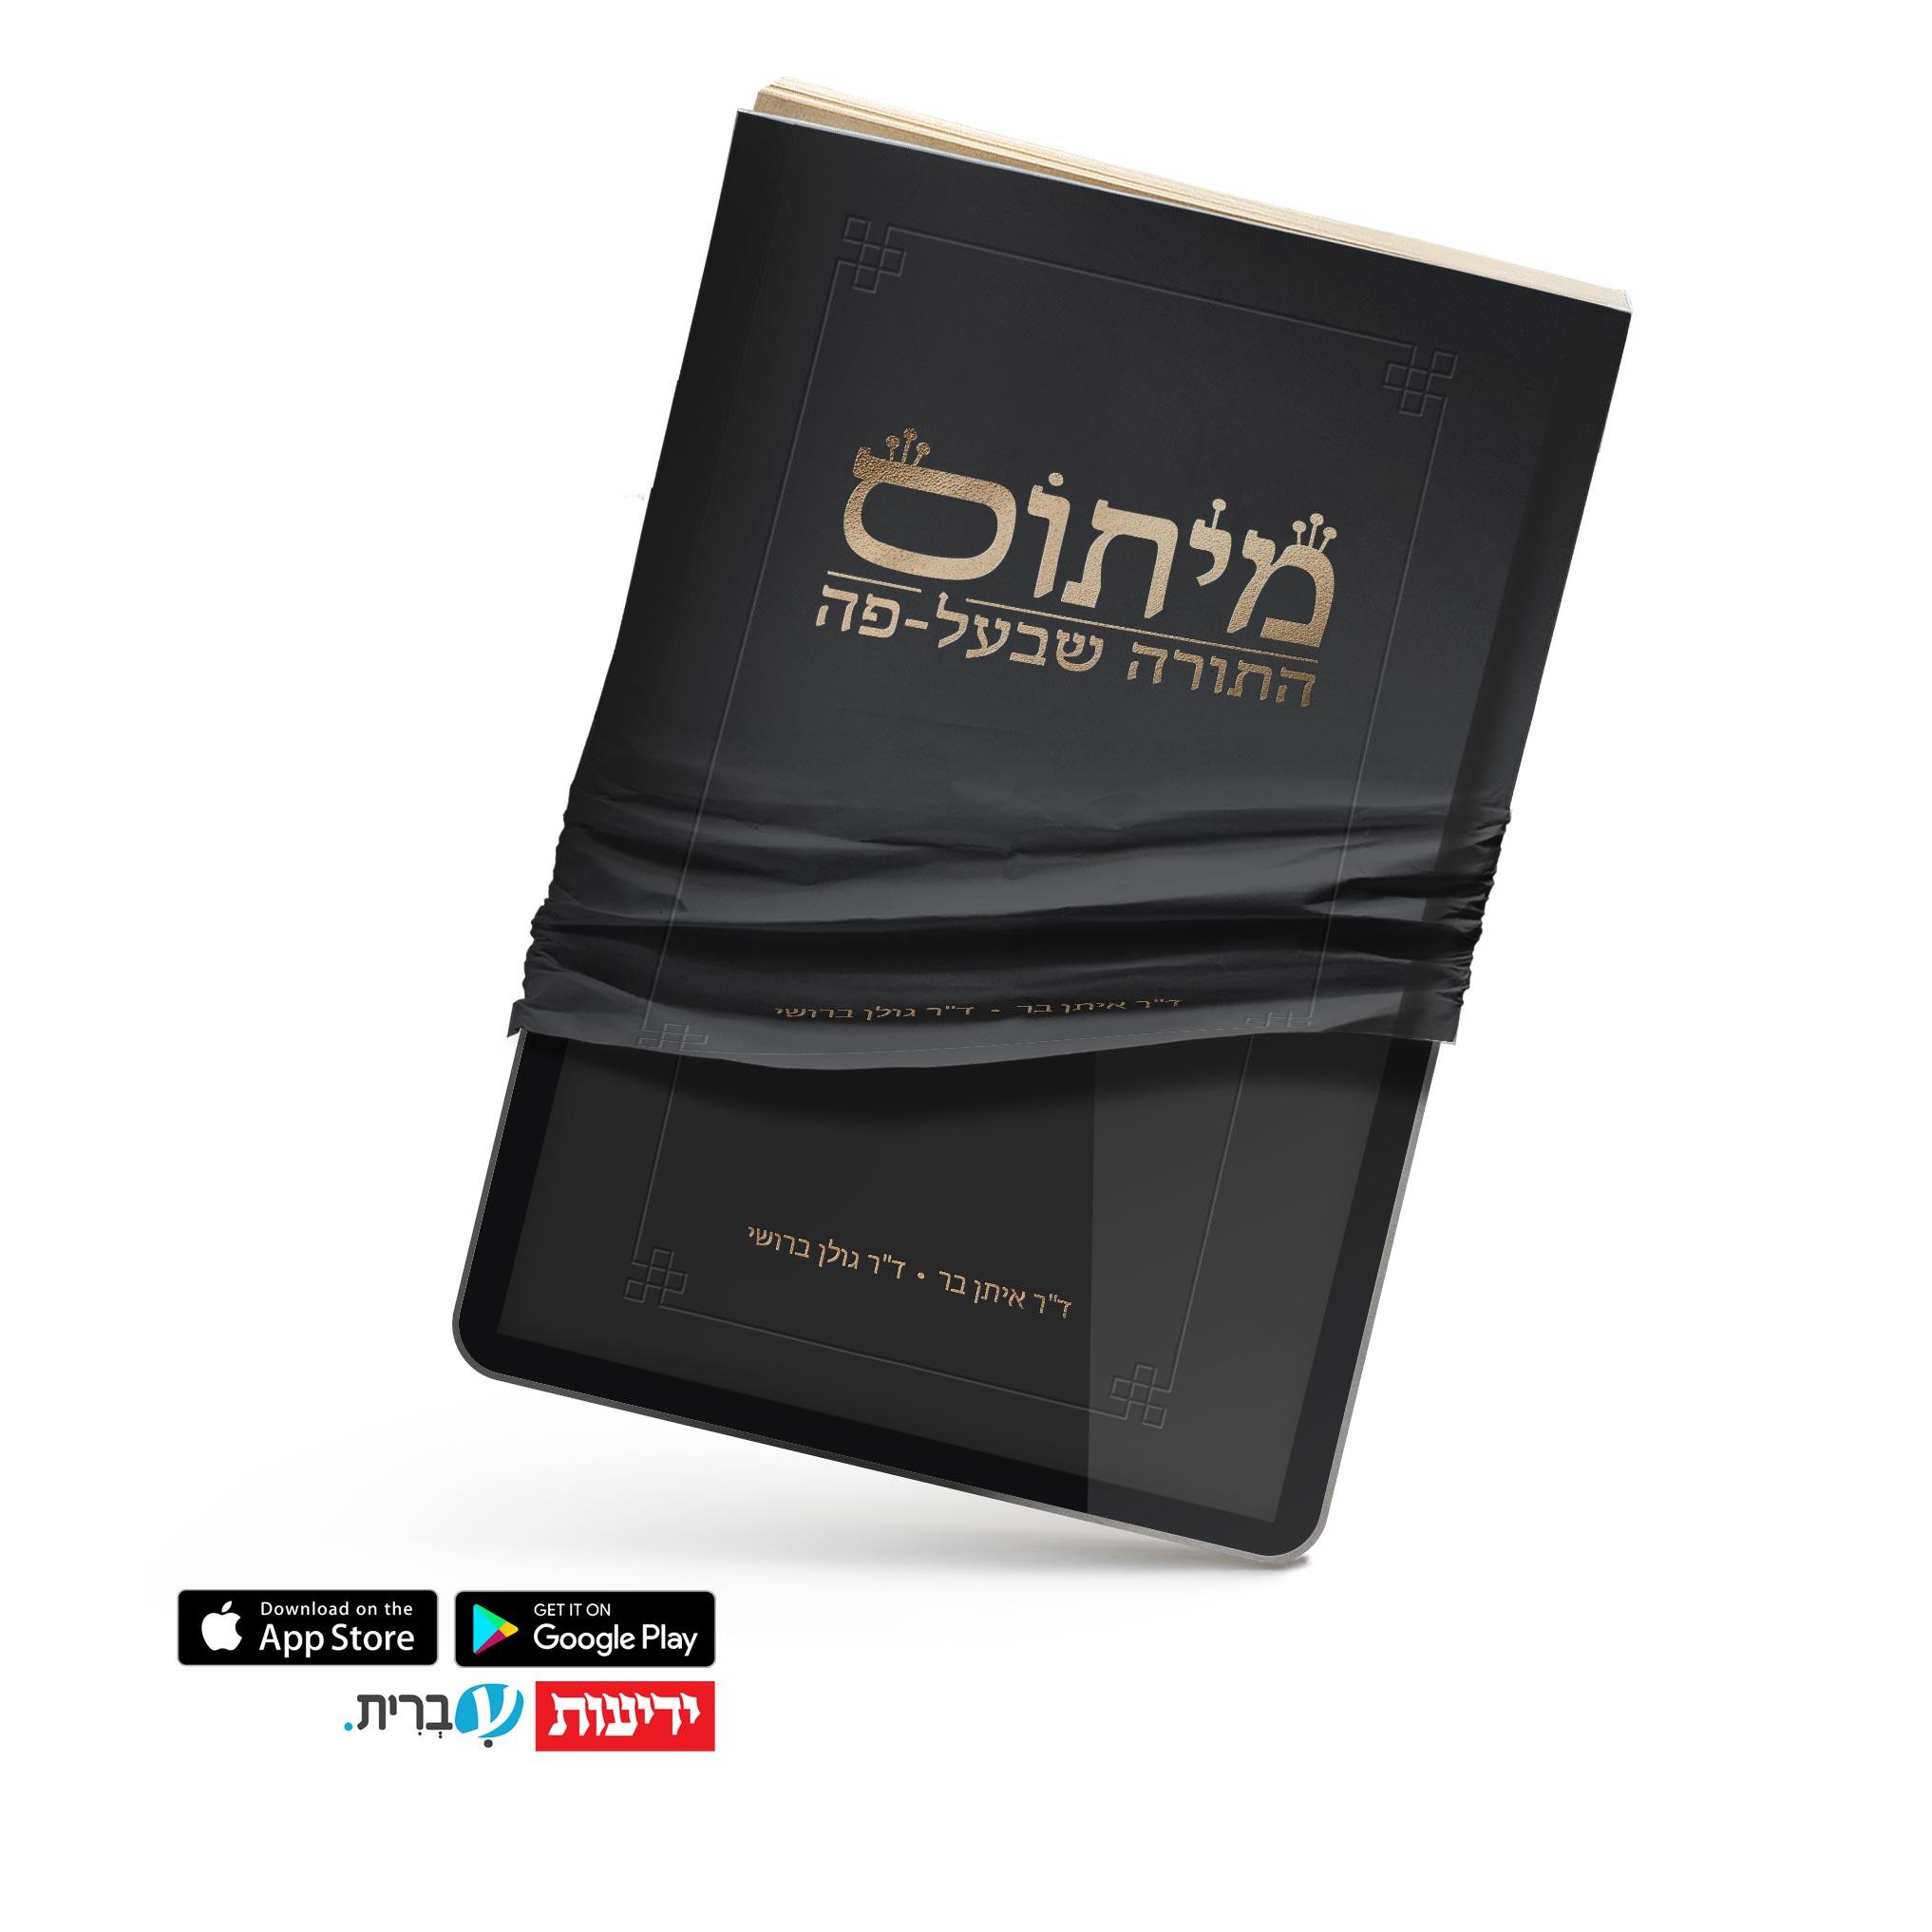 מיתוס התורה שבעל-פה באפליקצית עברית של ידיעות